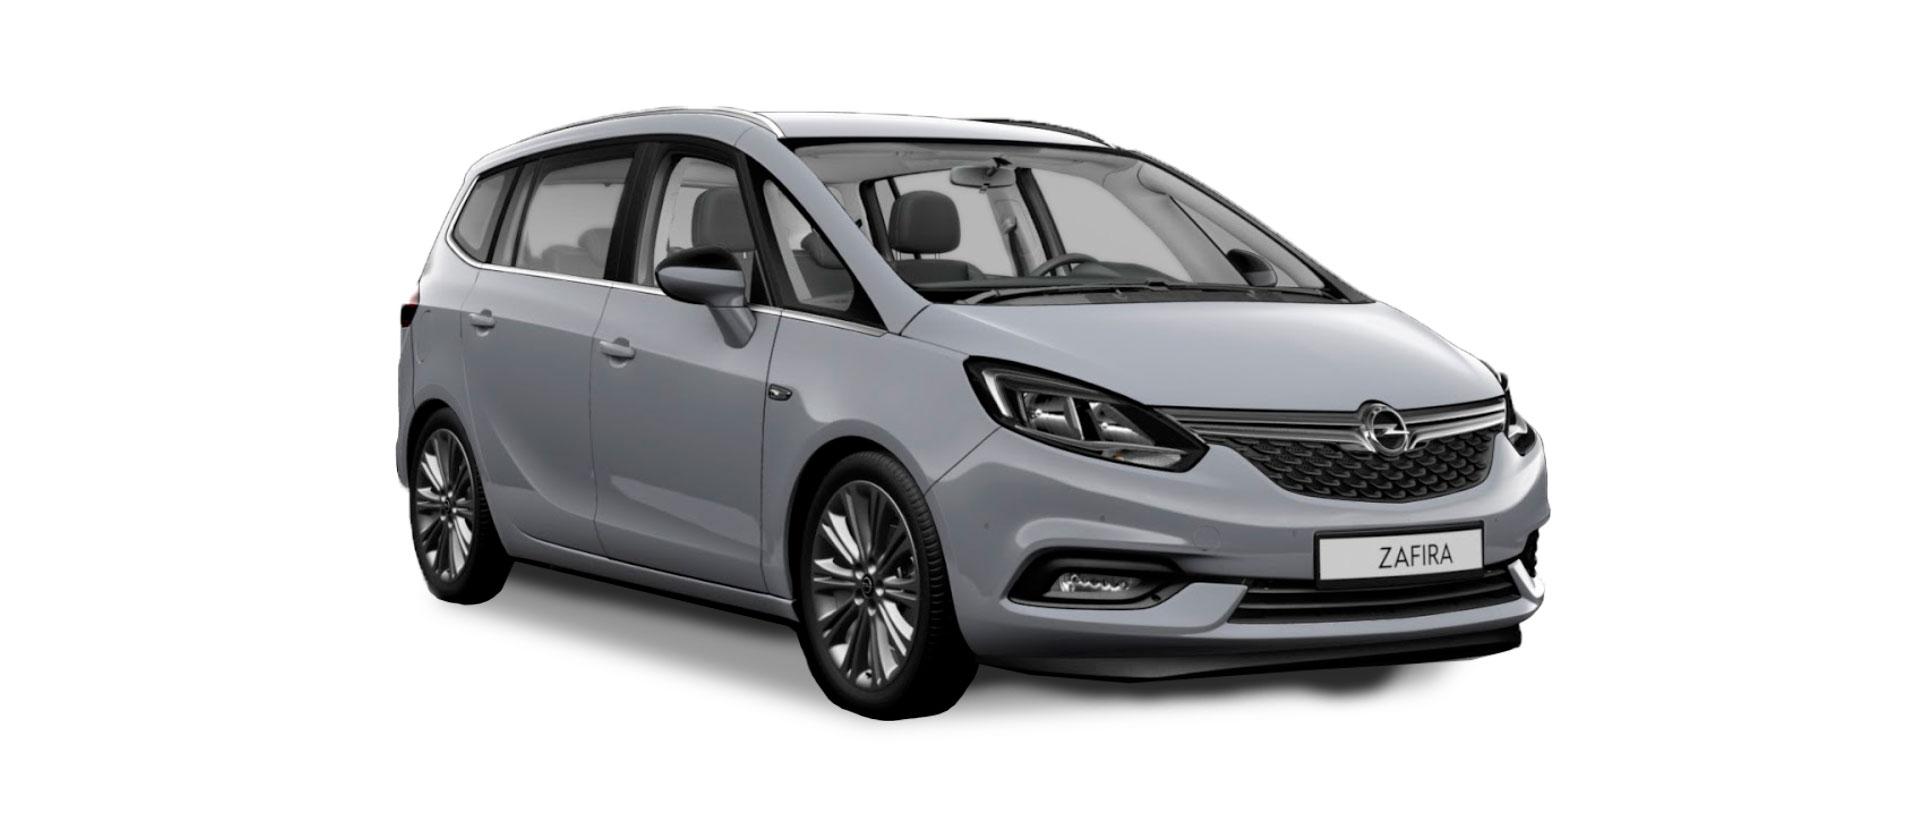 Alquilar un Opel Zafira